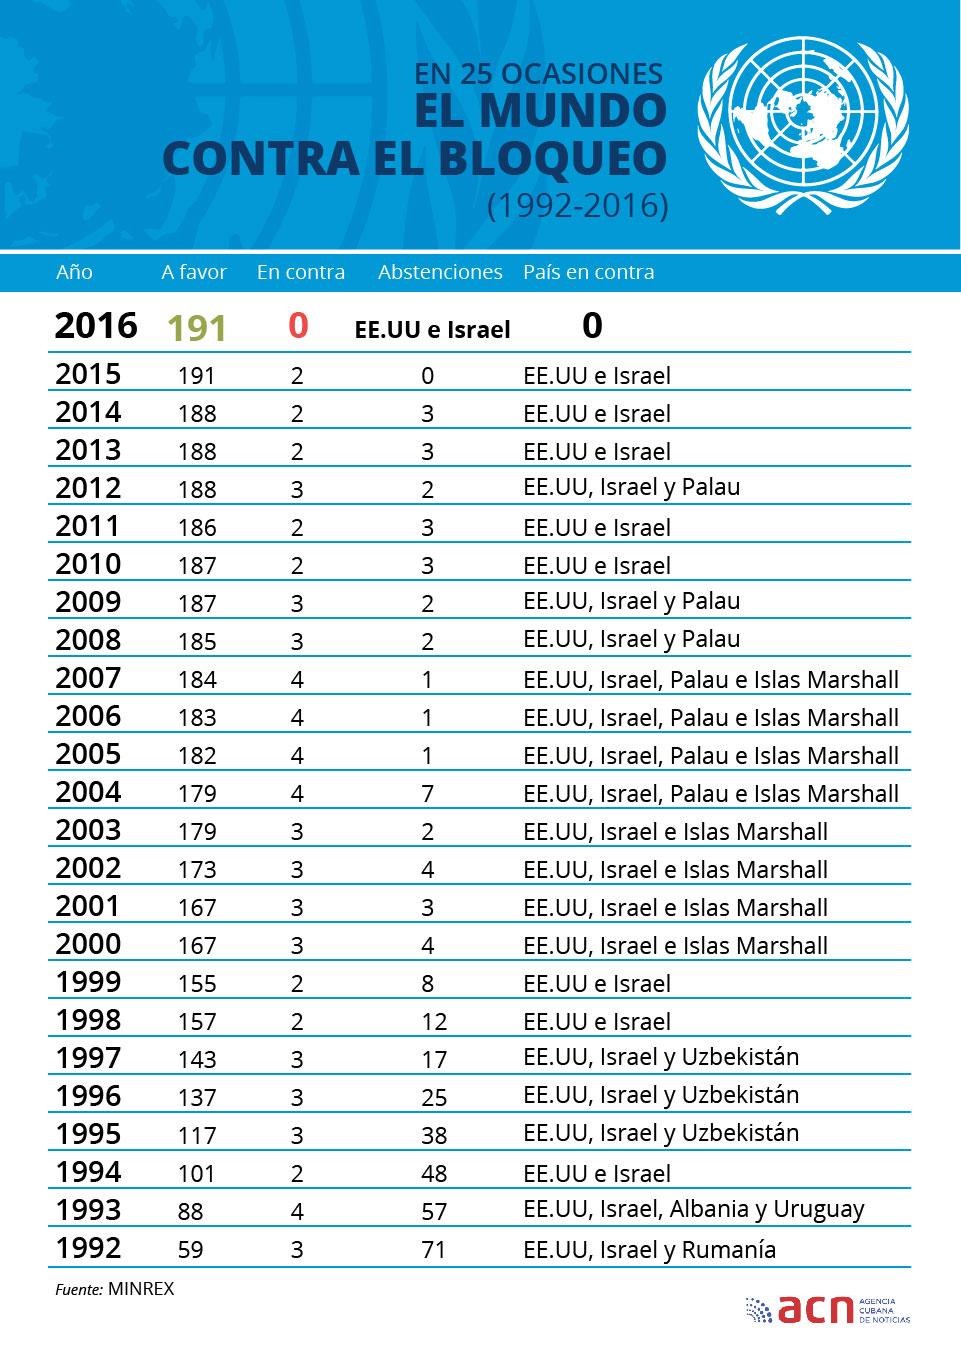 Infografia de las votaciones por año (1992-2016)-01